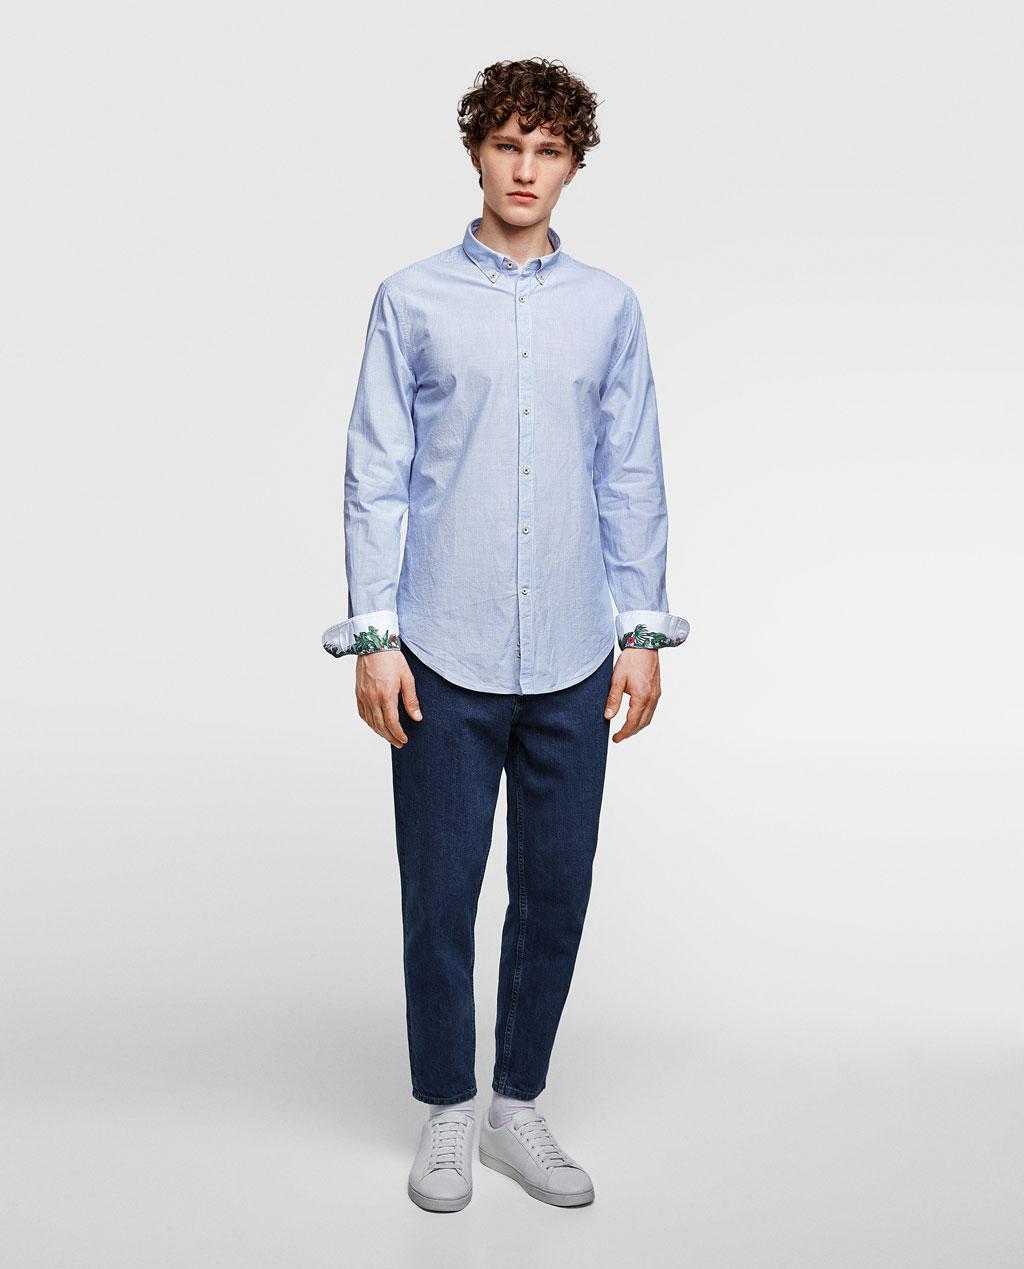 Thời trang nam Zara  24093 - ảnh 3